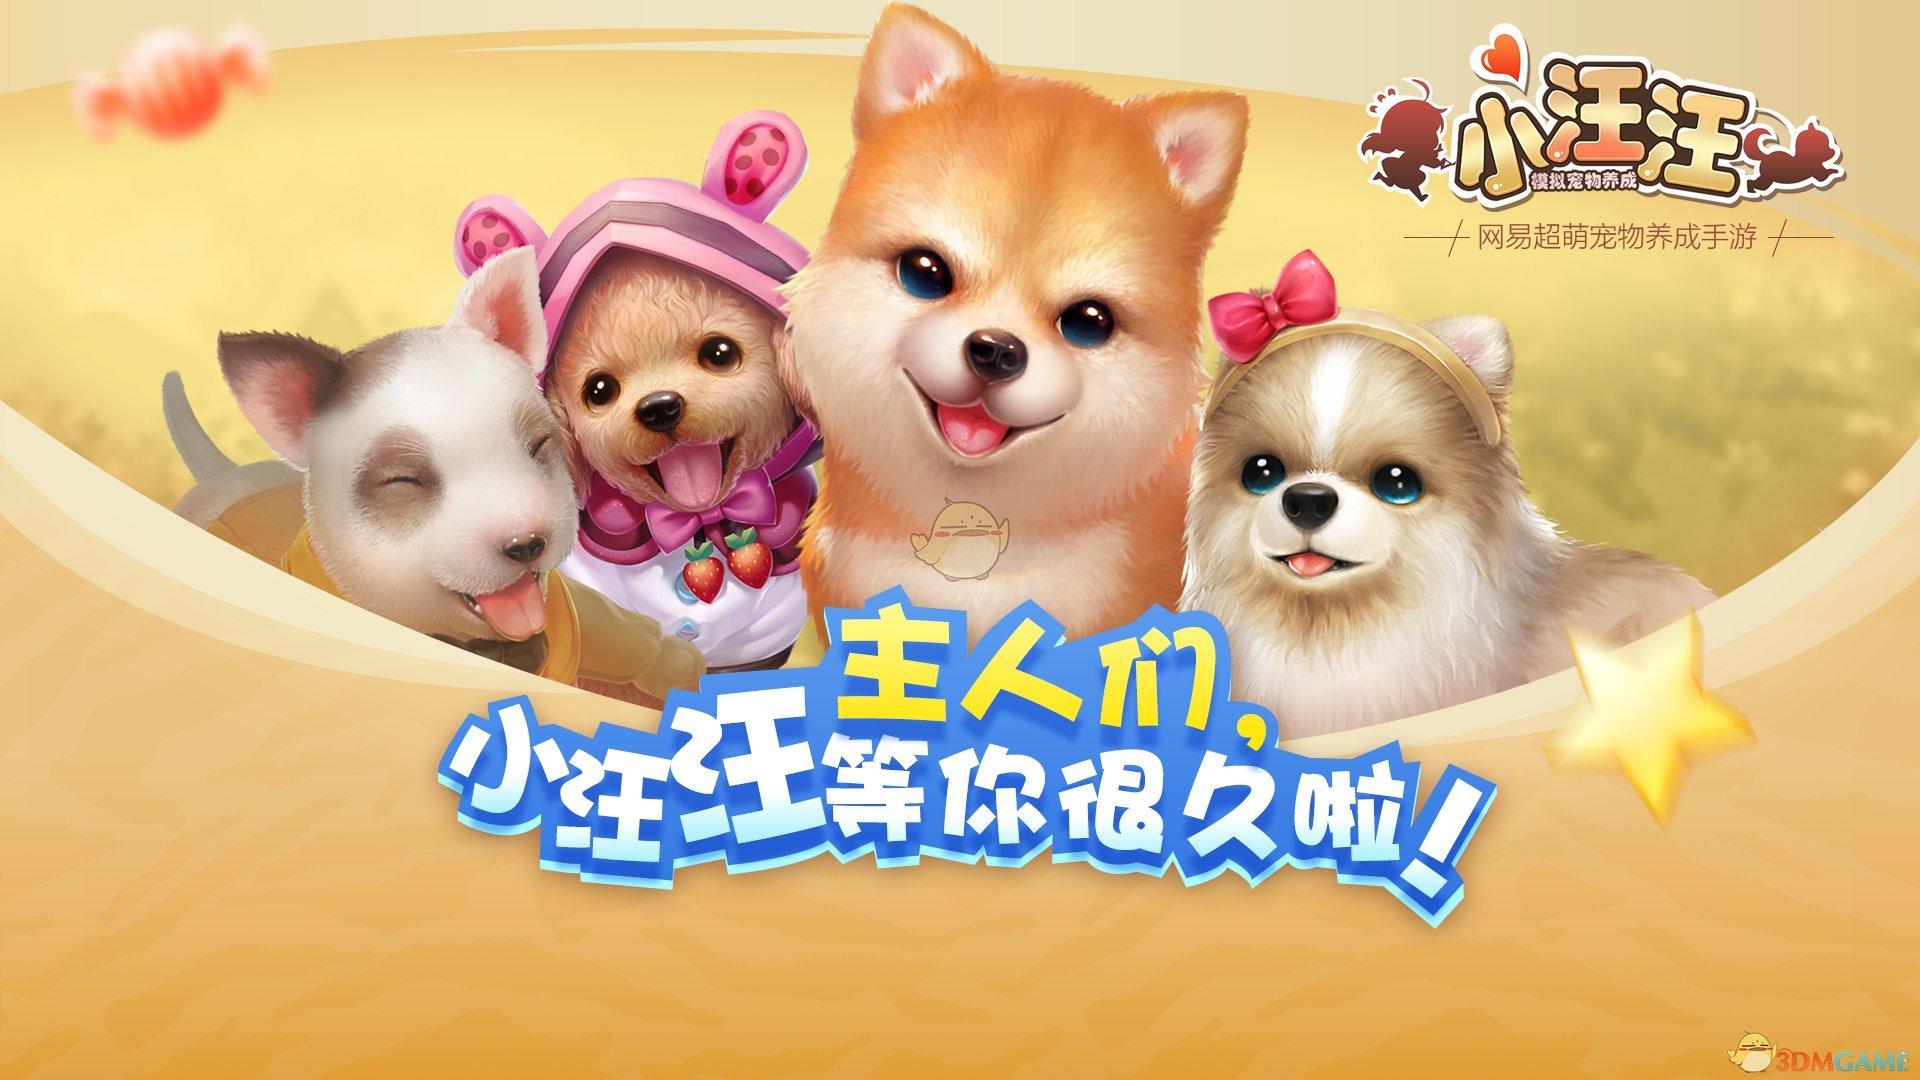 还记得在宠物中心领养狗狗时的激动心情,那把萌汪抱回家的温馨场景